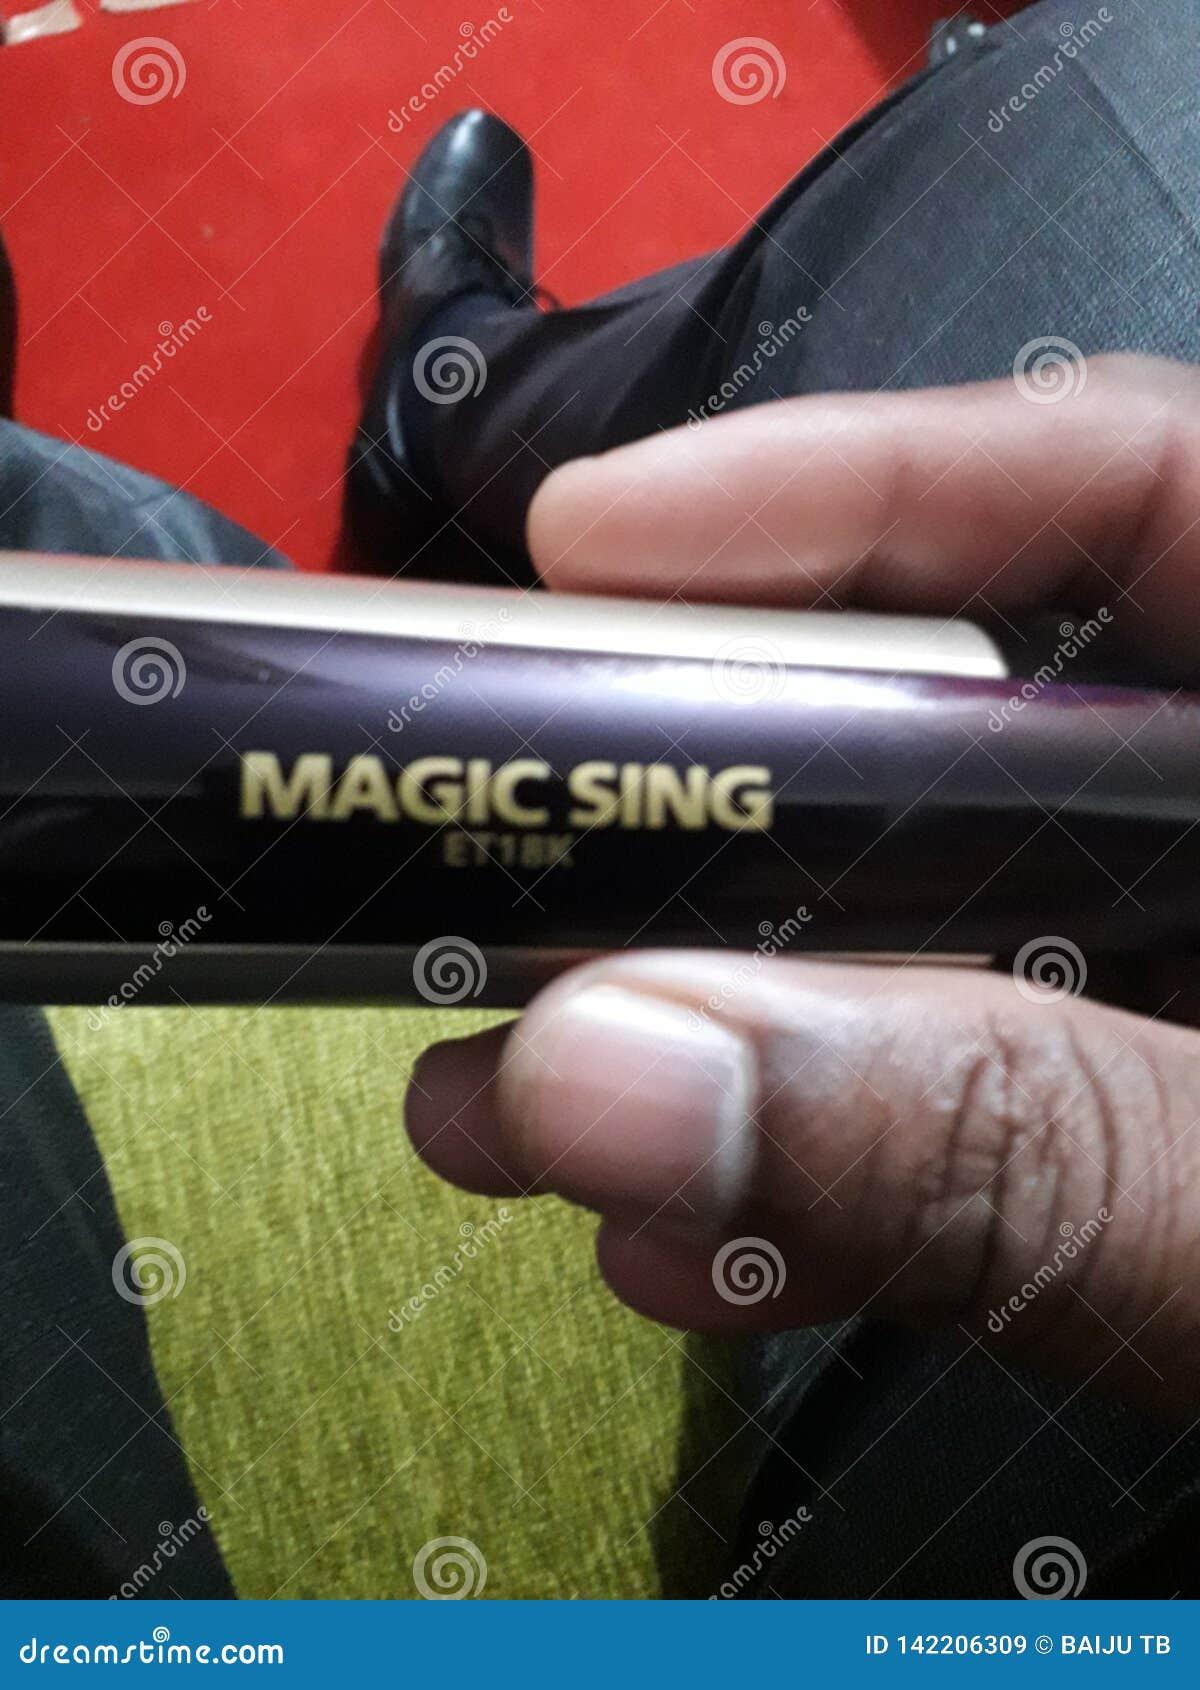 La magia canta il karoke per cantare